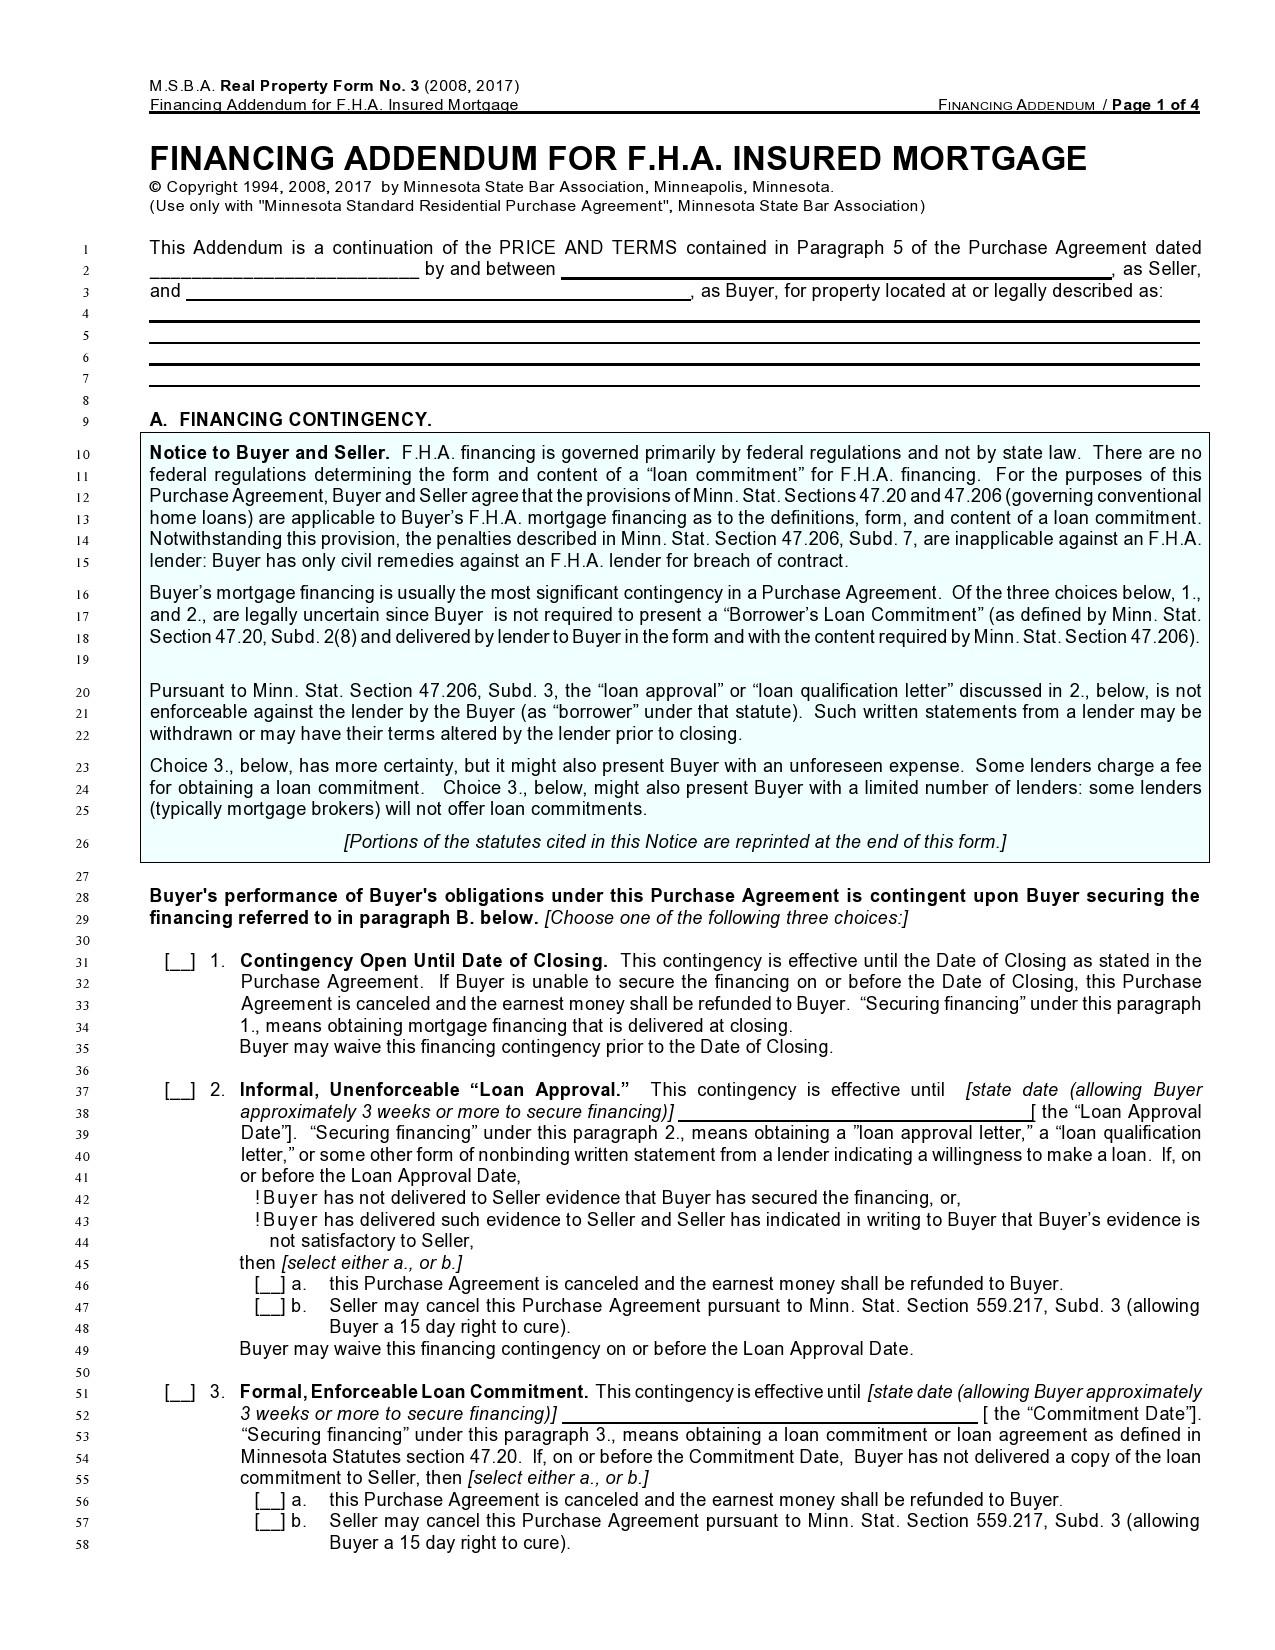 Free third party financing addendum 07